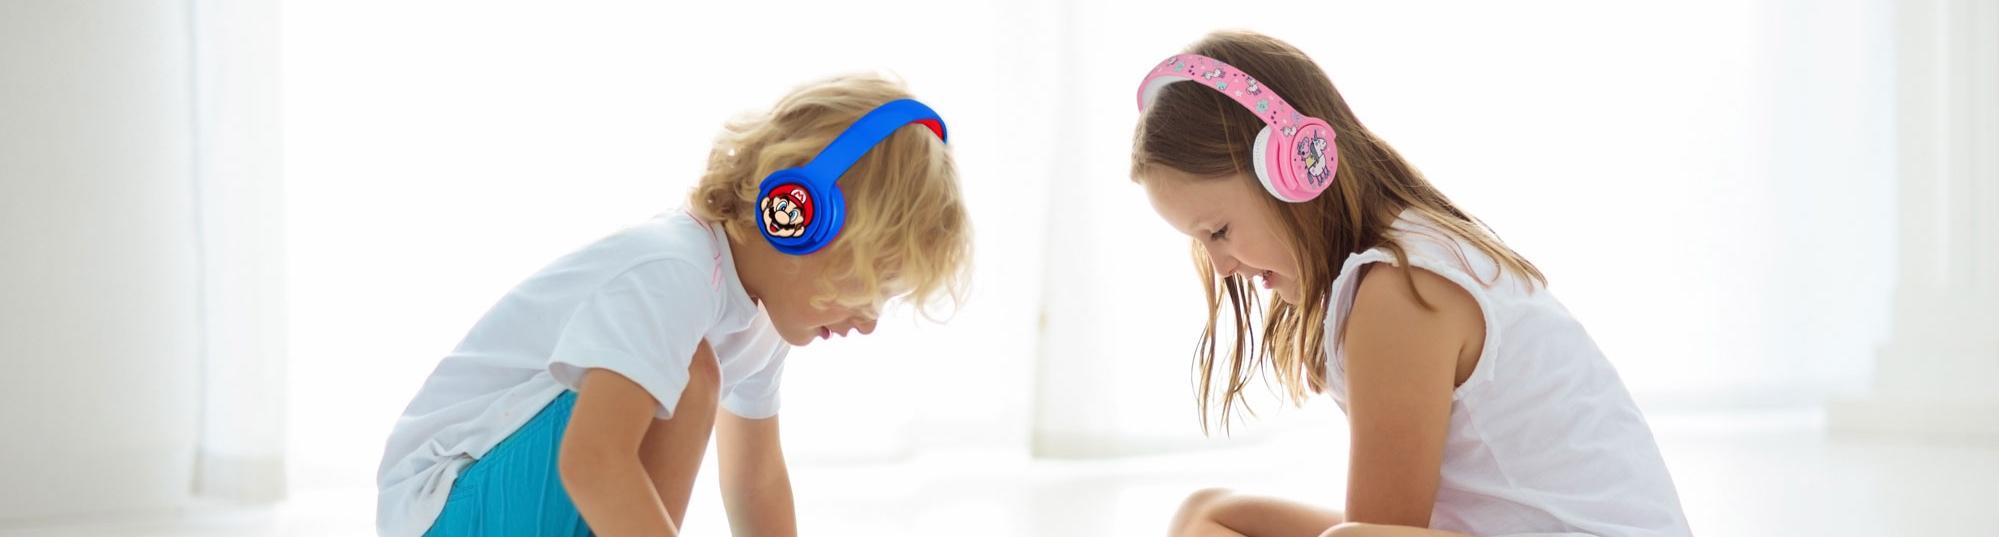 Kids-BT_lifestlye.jpg